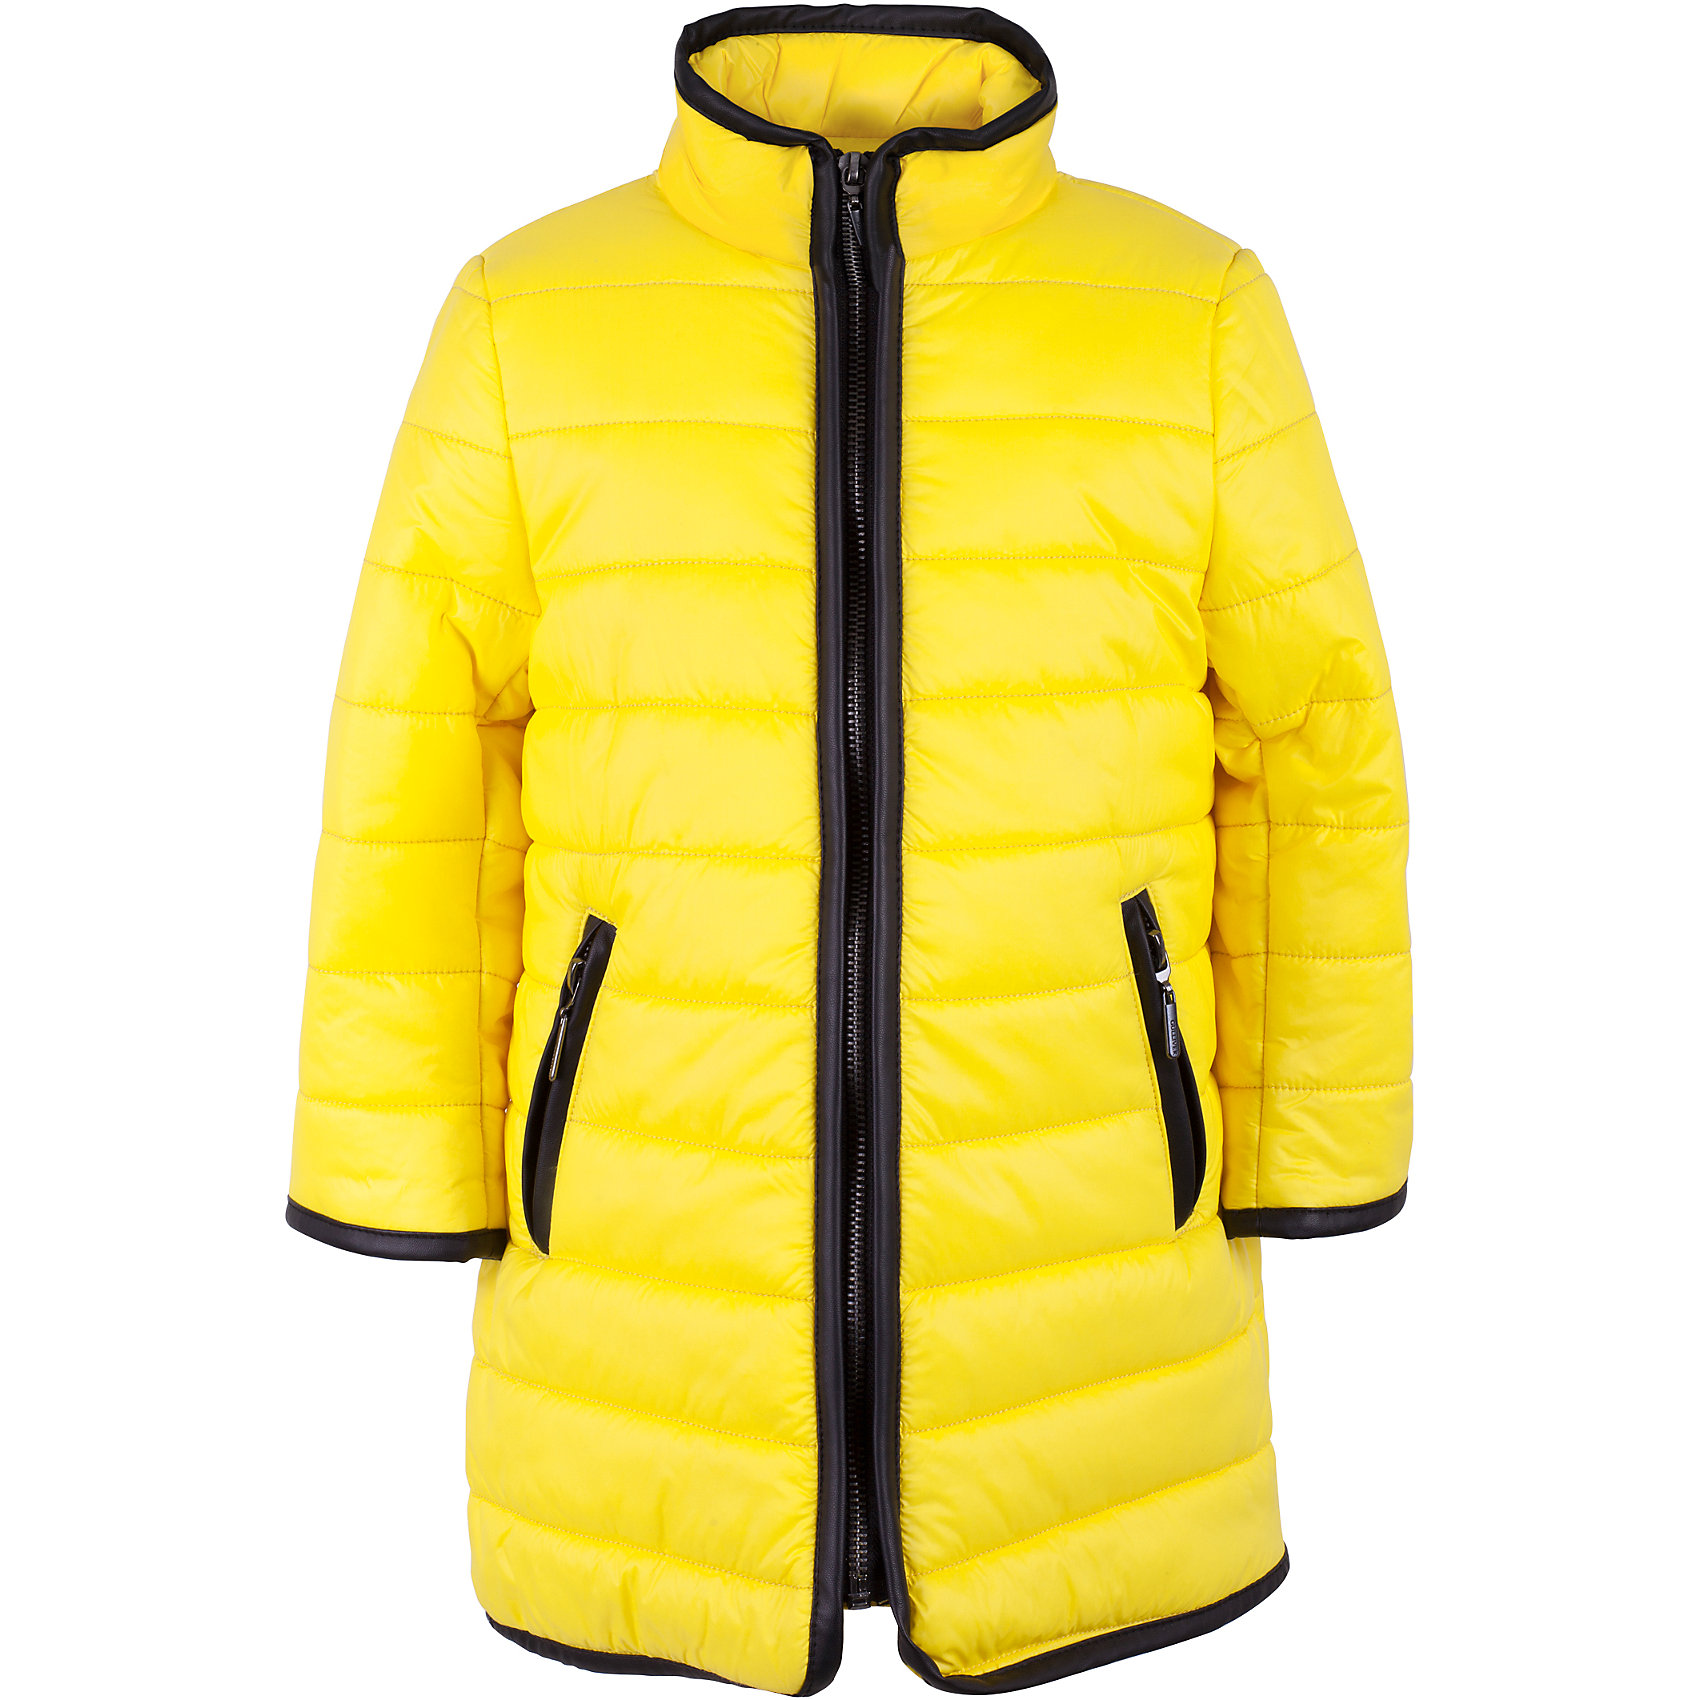 Пальто для девочки GulliverПальто и плащи<br>Характеристики товара:<br><br>• цвет: жёлтый<br>• материал: 100% полиэстер<br>• подкладка: 50% хлопок 50% полиэстер<br>• утеплитель: 100% полиэстер 100 г/кв.м<br>• температурный режим: от +5°С до +15°С<br>• водоотталкивающая плащёвка<br>• застёжка: молния<br>• два кармана на молнии по бокам<br>• без капюшона<br>• высокий воротник-стойка<br>• сезон: демисезон<br>• страна бренда: Российская Федерация<br>• страна производства: Китай<br><br>Утеплённое пальто для девочки из коллекции Ромашки от бренда Гулливер. Пальто яркого жёлтого цвета с контрастной чёрной отделкой. Подкладка из мягкого трикотажа. Пальто отлично защити от ветра и непогоды в межсезонье.<br><br>Пальто для девочки от известного бренда Gulliver можно купить в нашем интернет-магазине.<br><br>Ширина мм: 356<br>Глубина мм: 10<br>Высота мм: 245<br>Вес г: 519<br>Цвет: желтый<br>Возраст от месяцев: 24<br>Возраст до месяцев: 36<br>Пол: Женский<br>Возраст: Детский<br>Размер: 104,110,116,98<br>SKU: 5483574